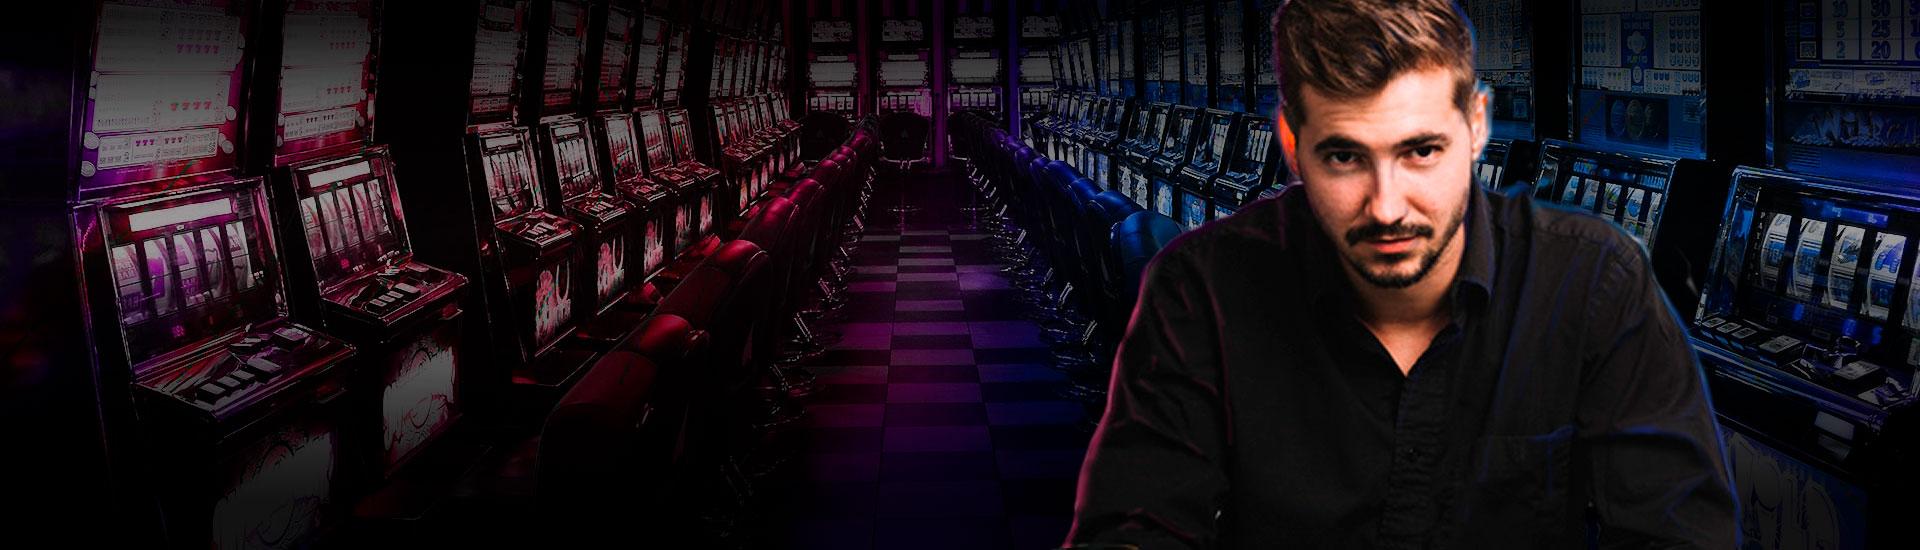 История одного игрока в казино Slots City